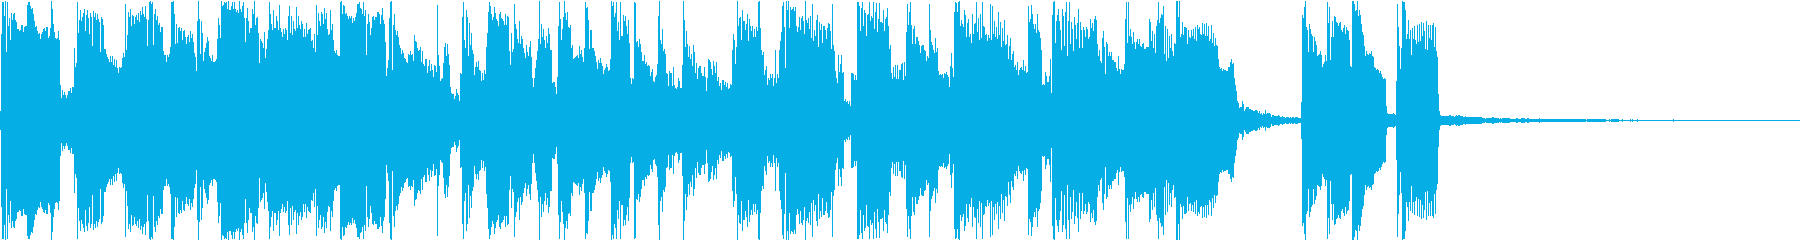 ボサノバ風BGMの再生済みの波形